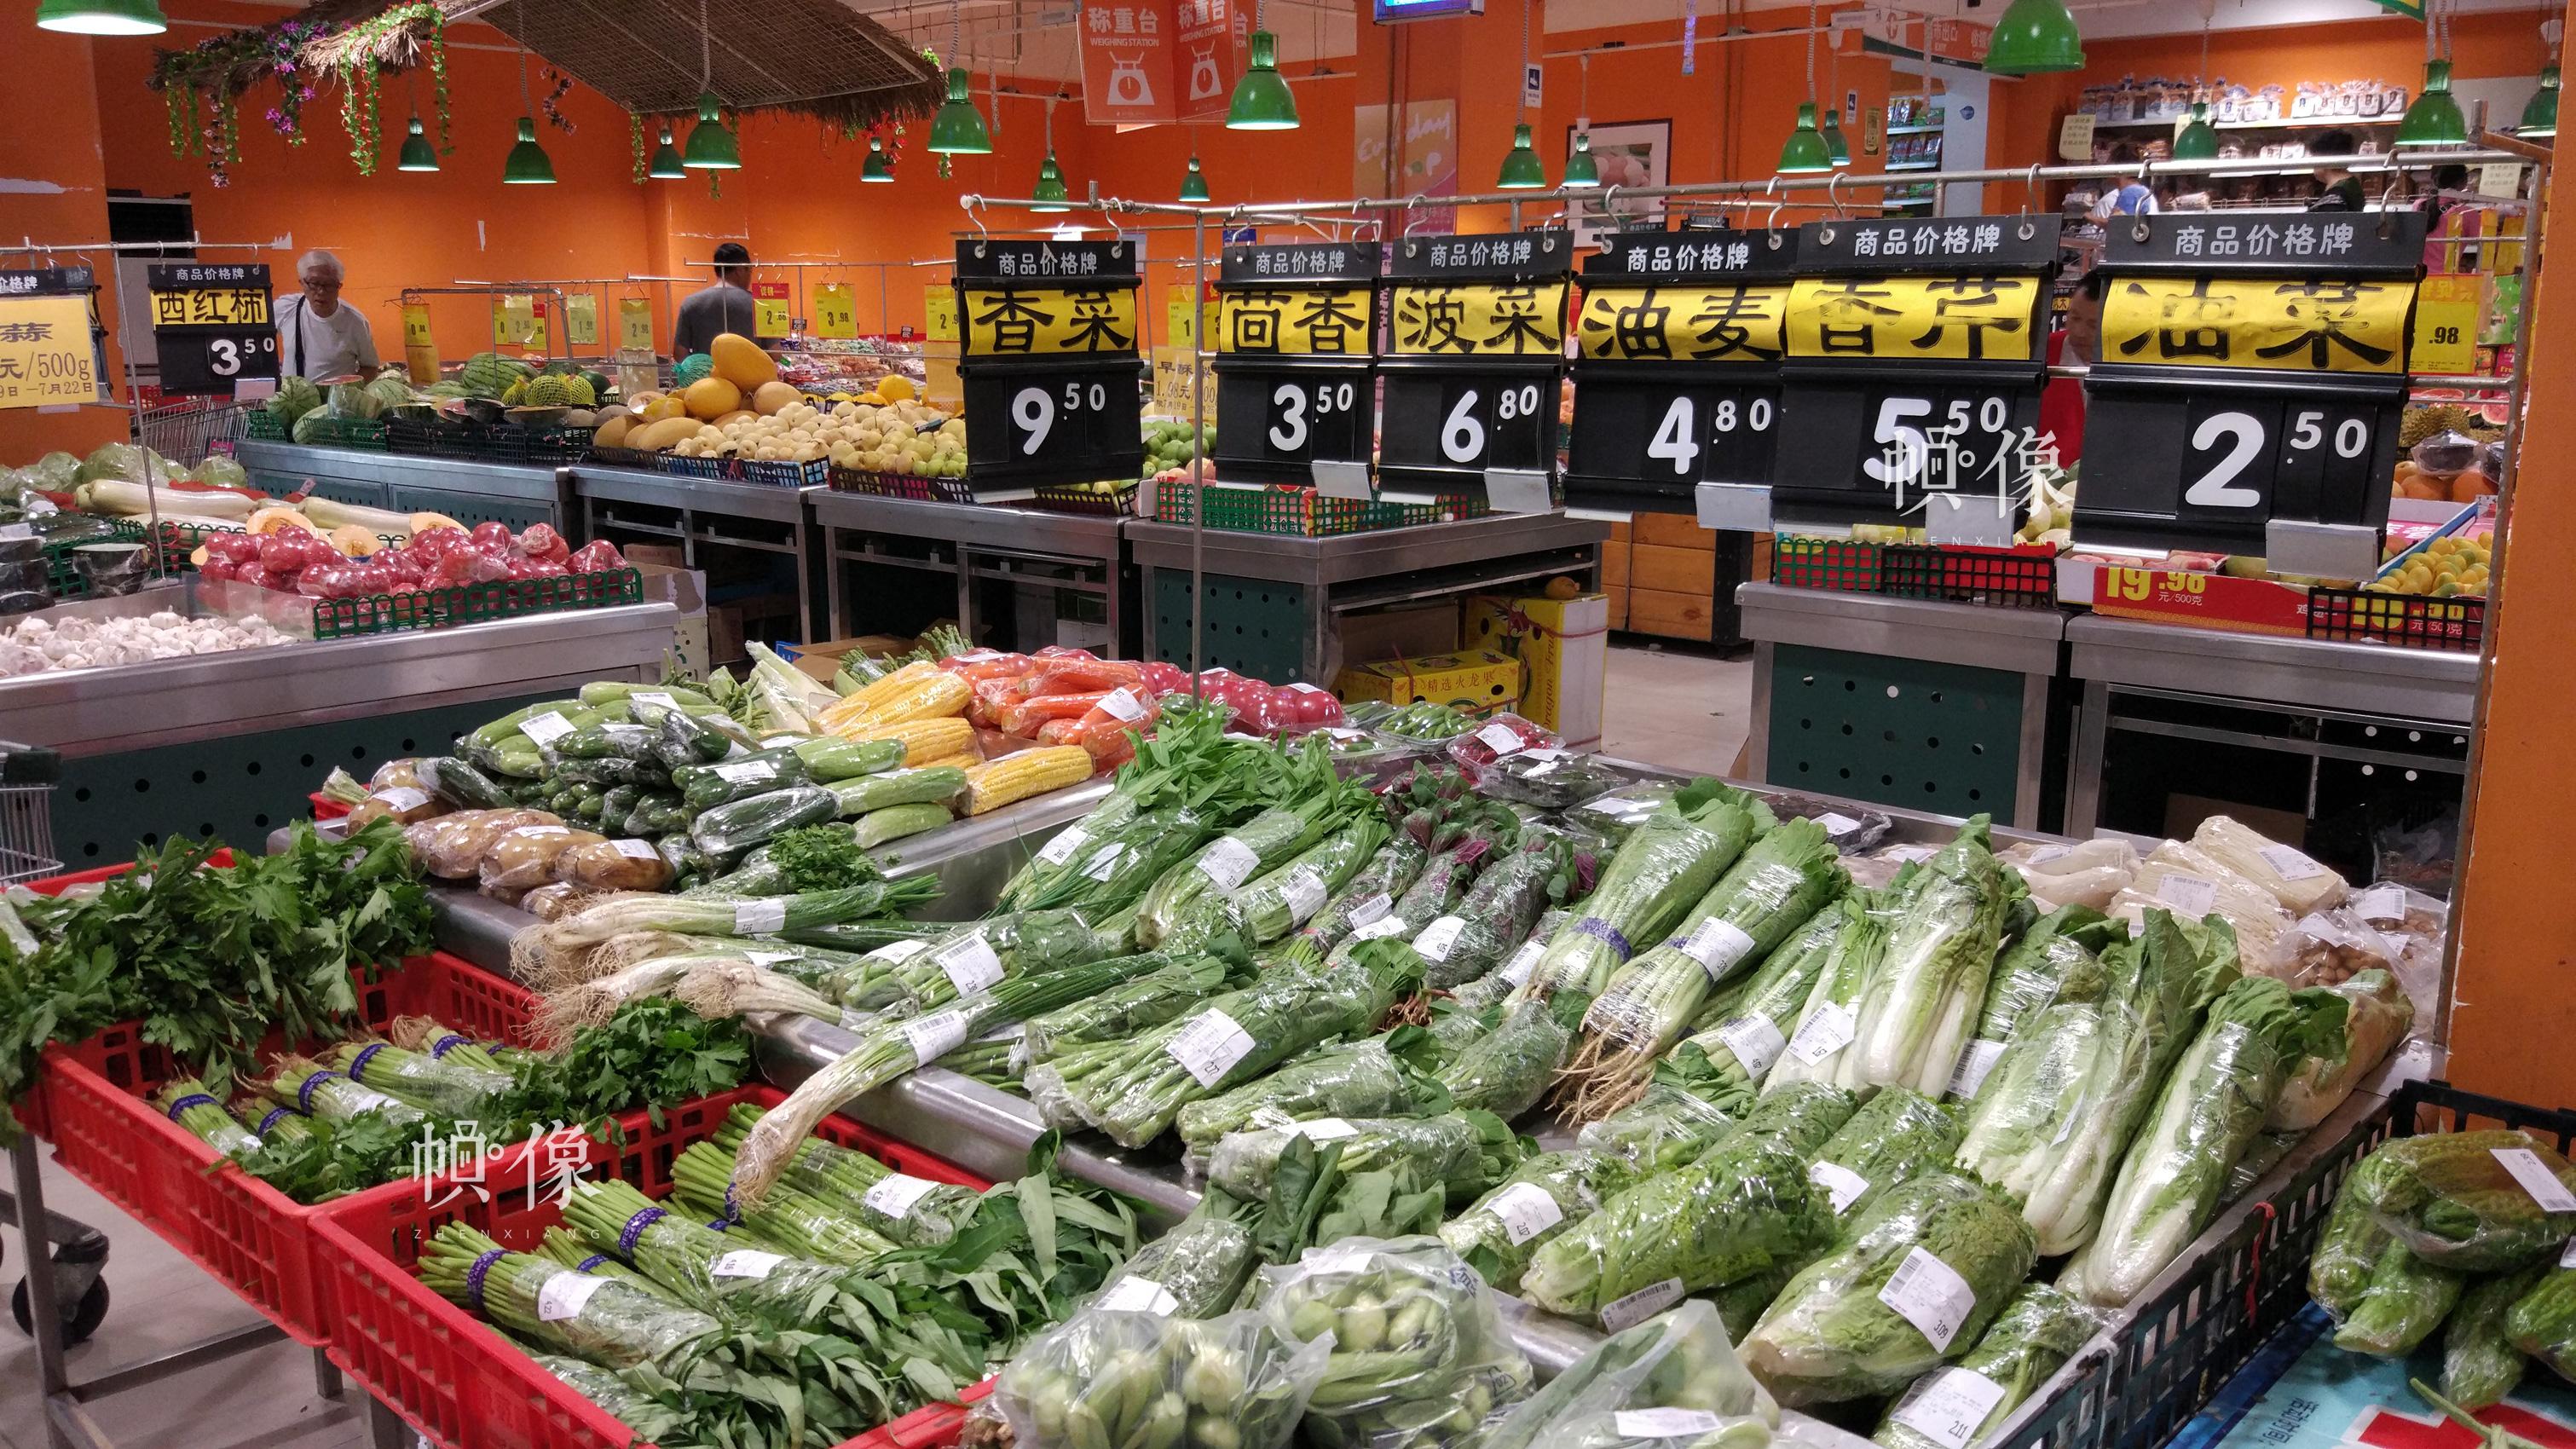 2017年7月19日,北京某超市售菜专柜。中国网记者 赵超 摄